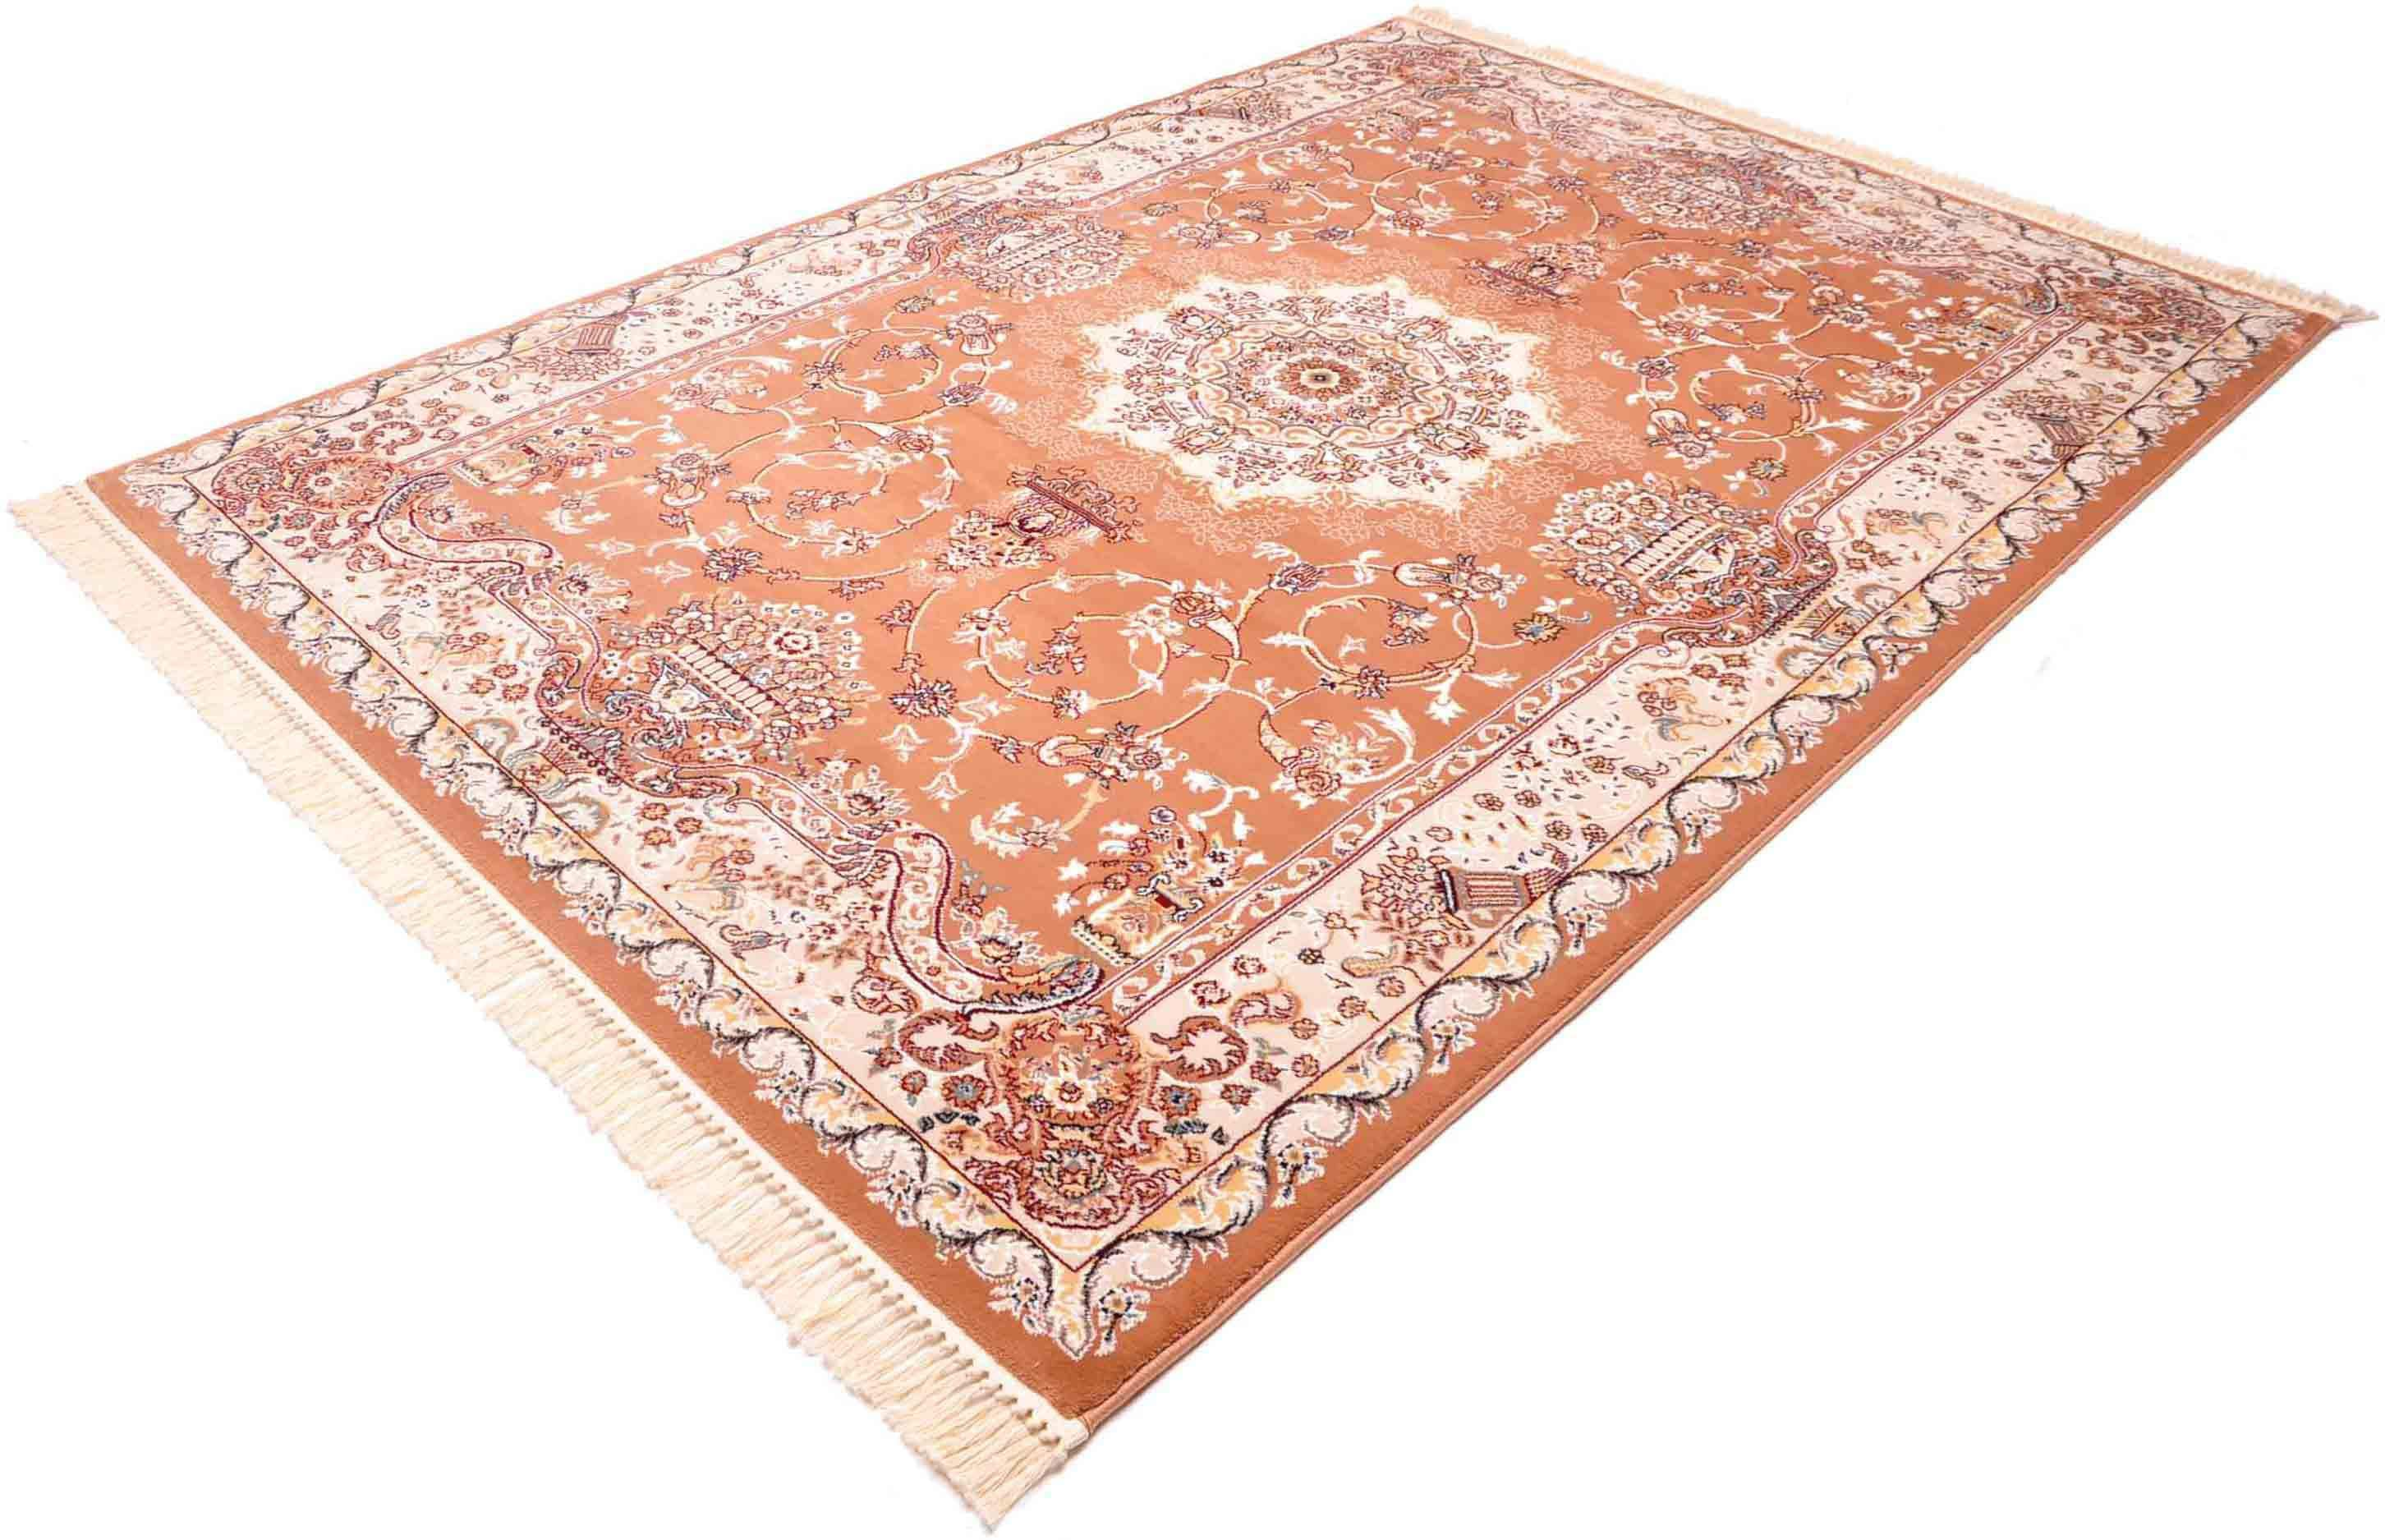 Läufer Classic 4051 Böing Carpet rechteckig Höhe 10 mm maschinell zusammengesetzt